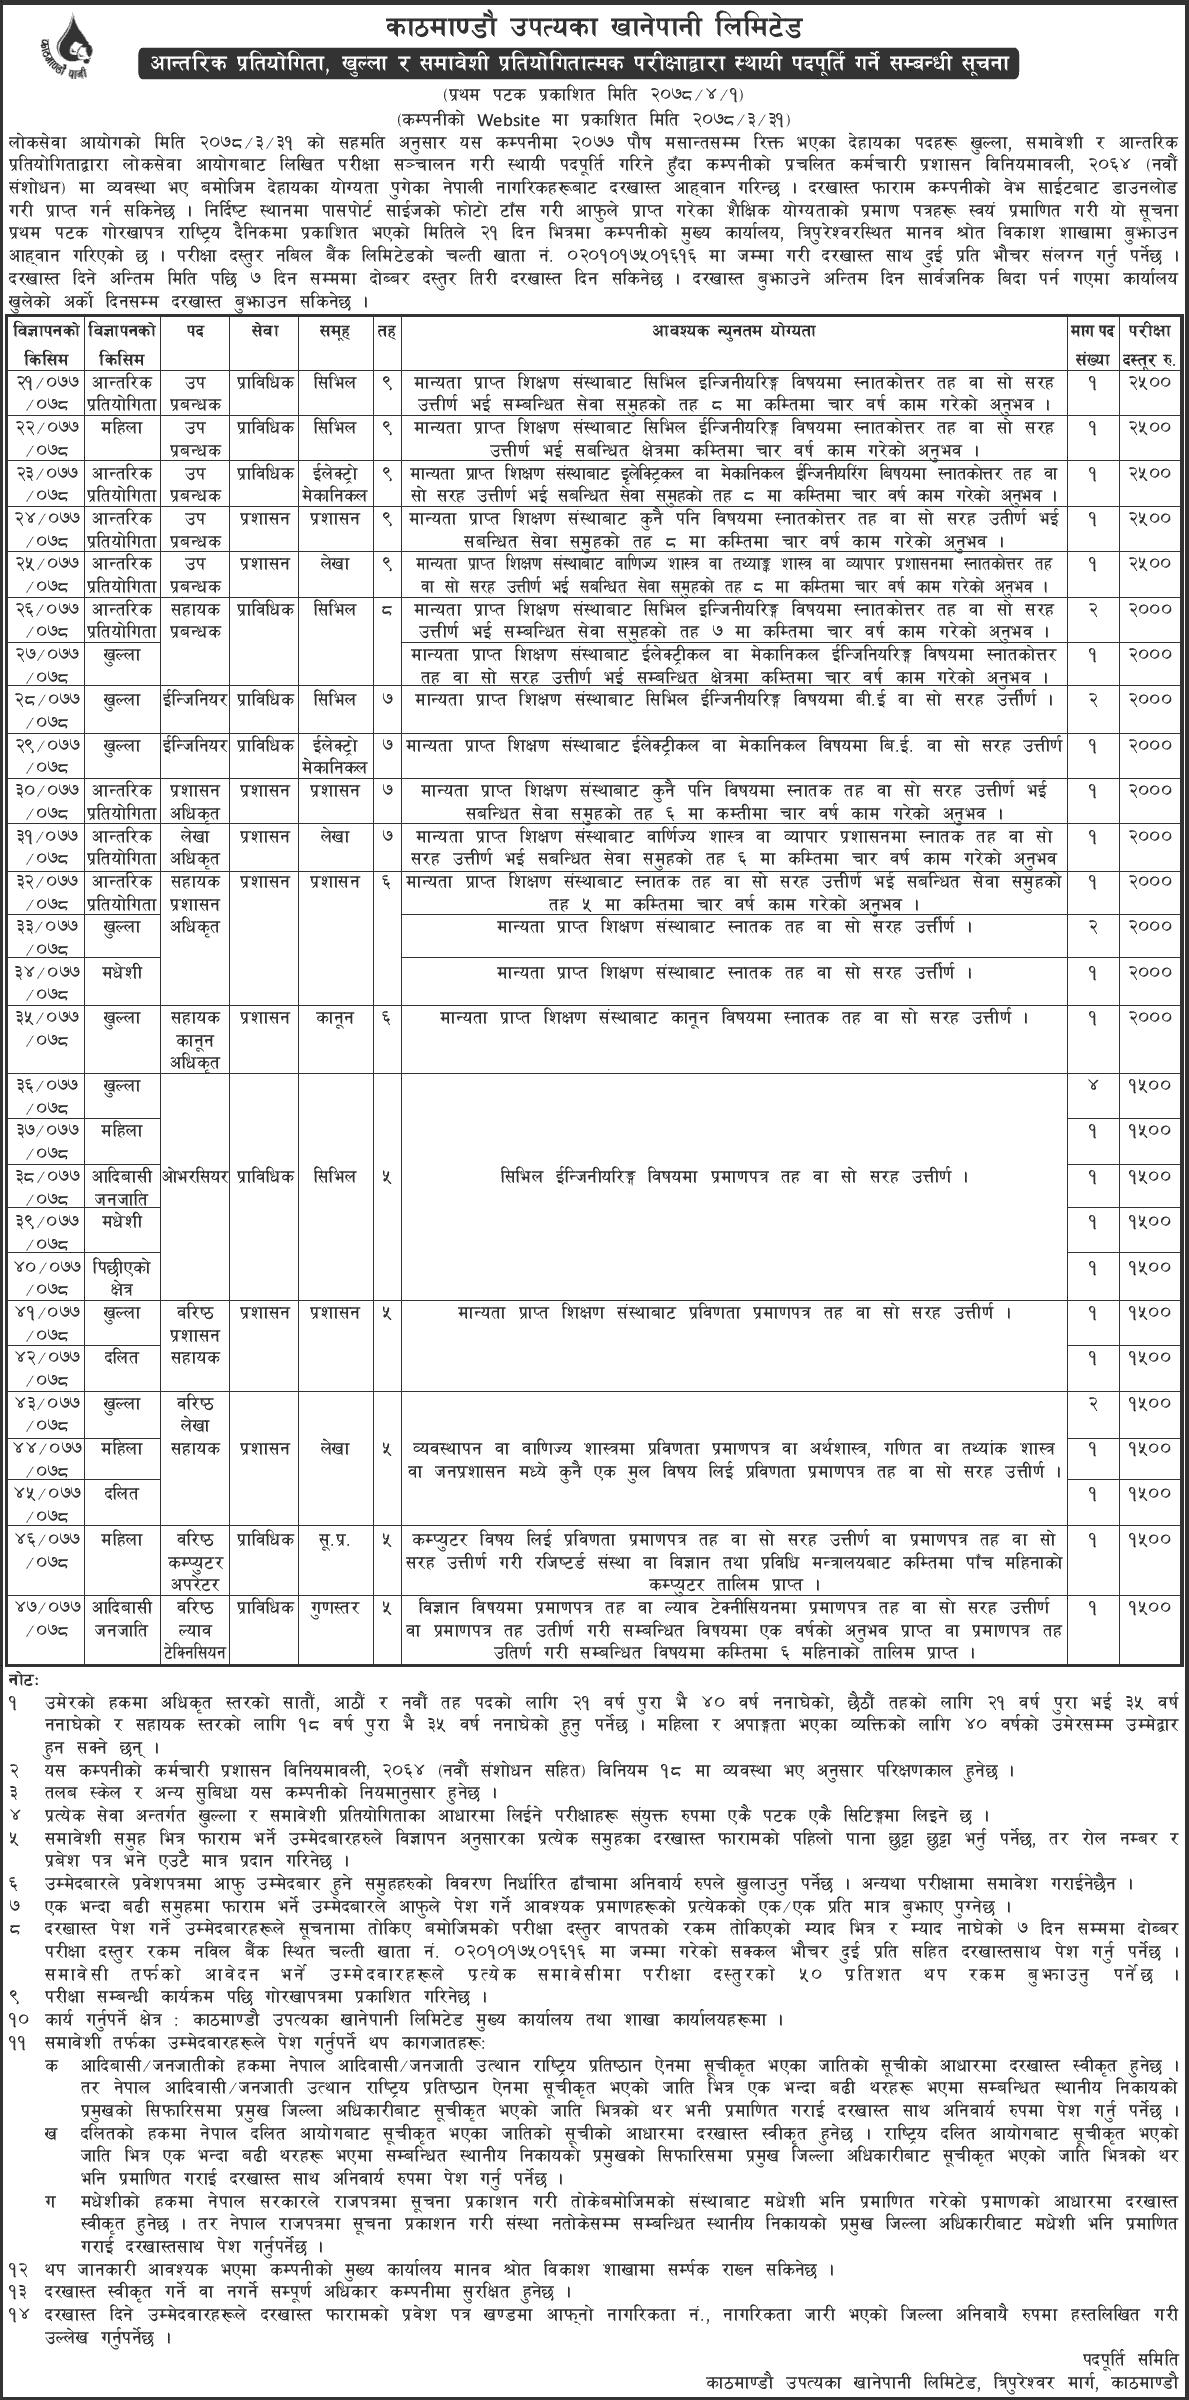 Kathmandu Upatyaka Khanepani Limited (KUKL) Vacancy 2078